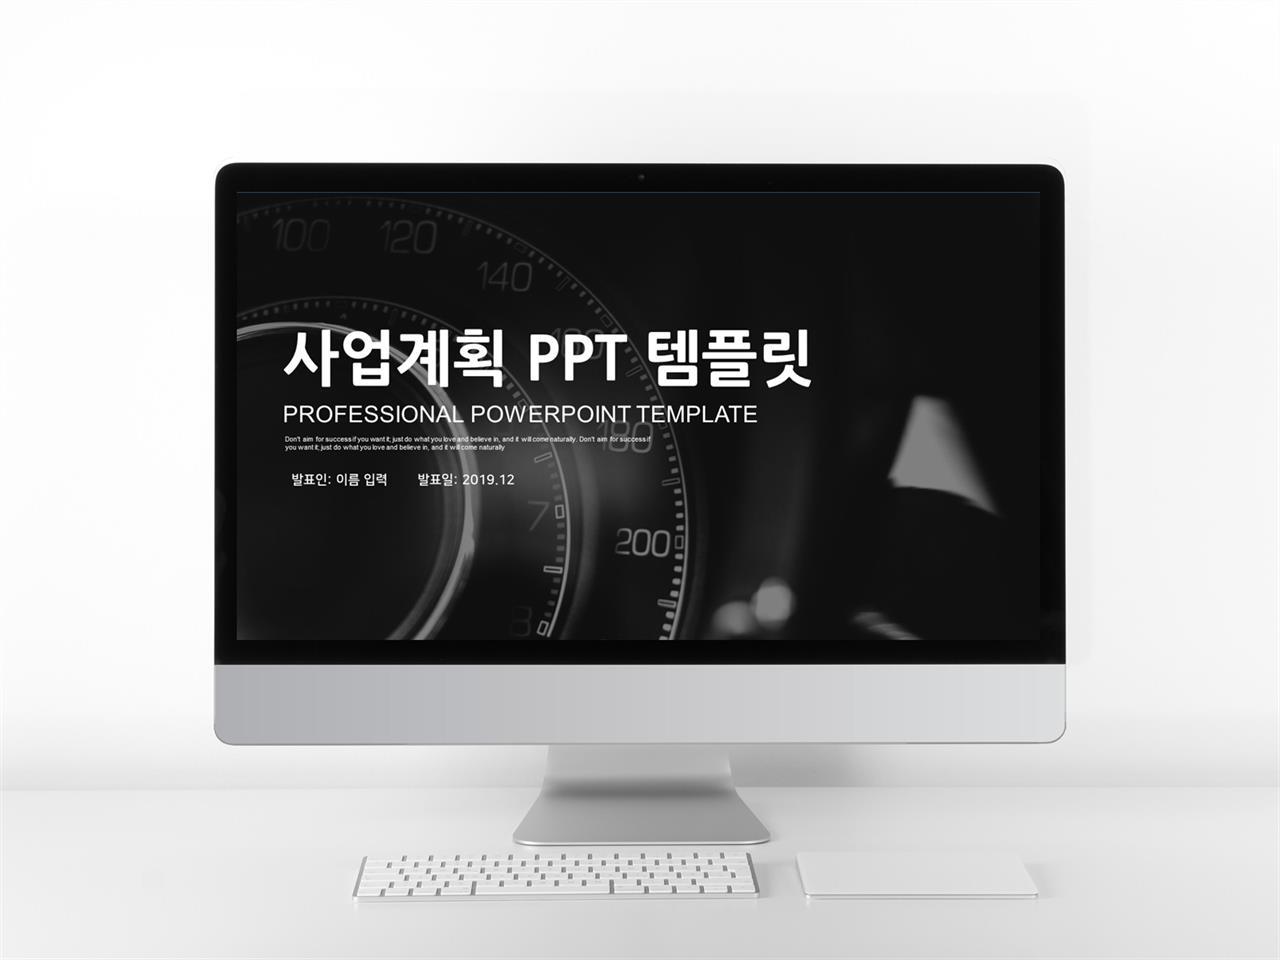 사업보고 검정색 캄캄한 고급형 POWERPOINT템플릿 디자인 미리보기